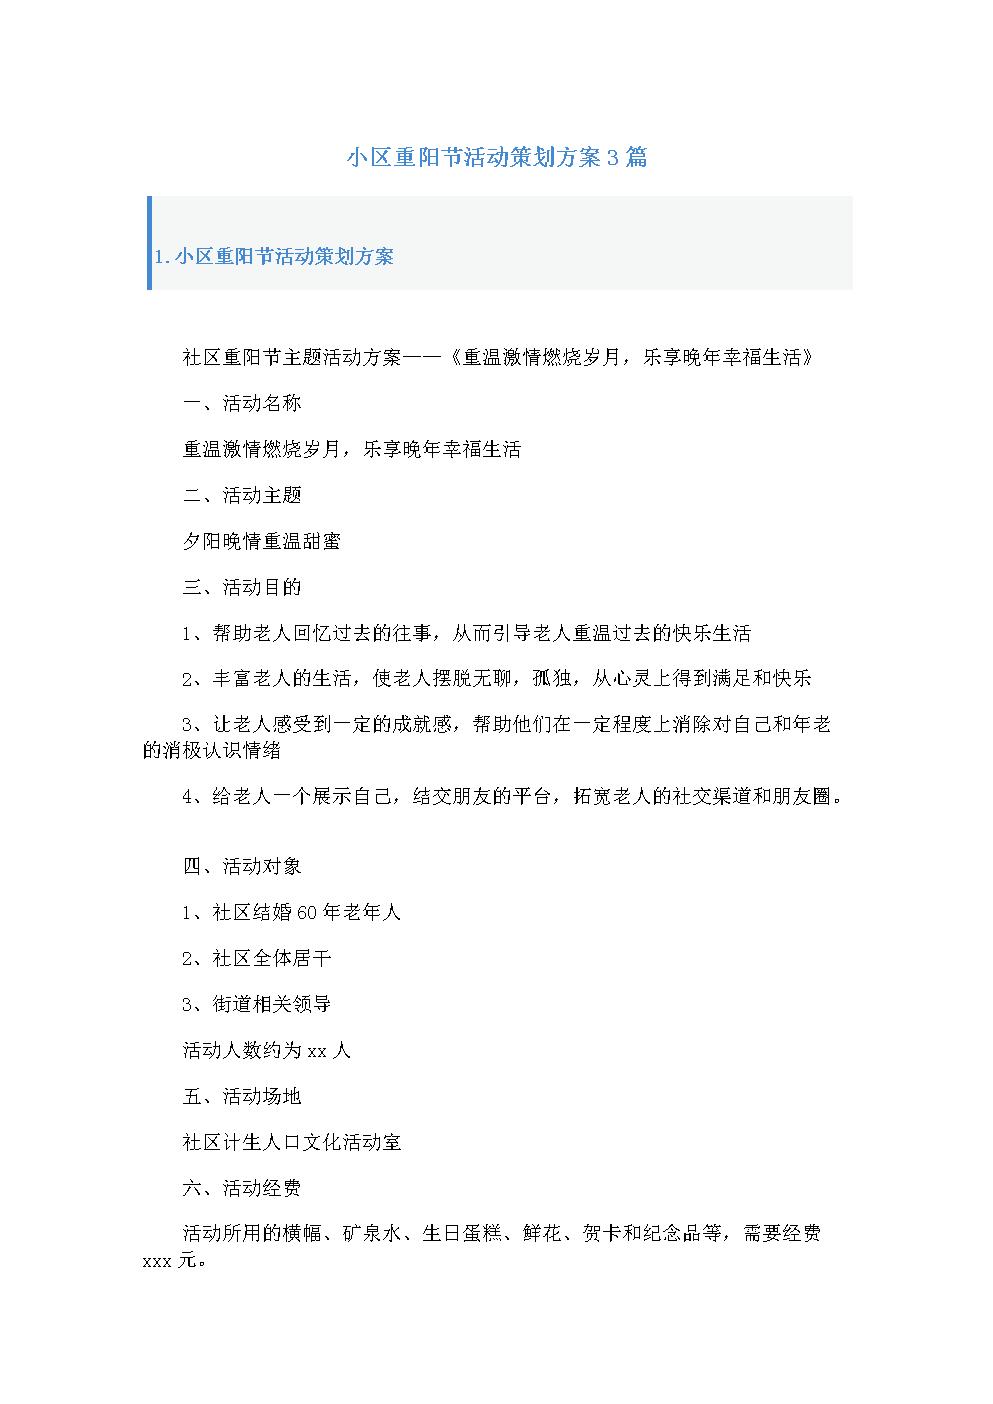 小区重阳节活动策划方案3篇.docx